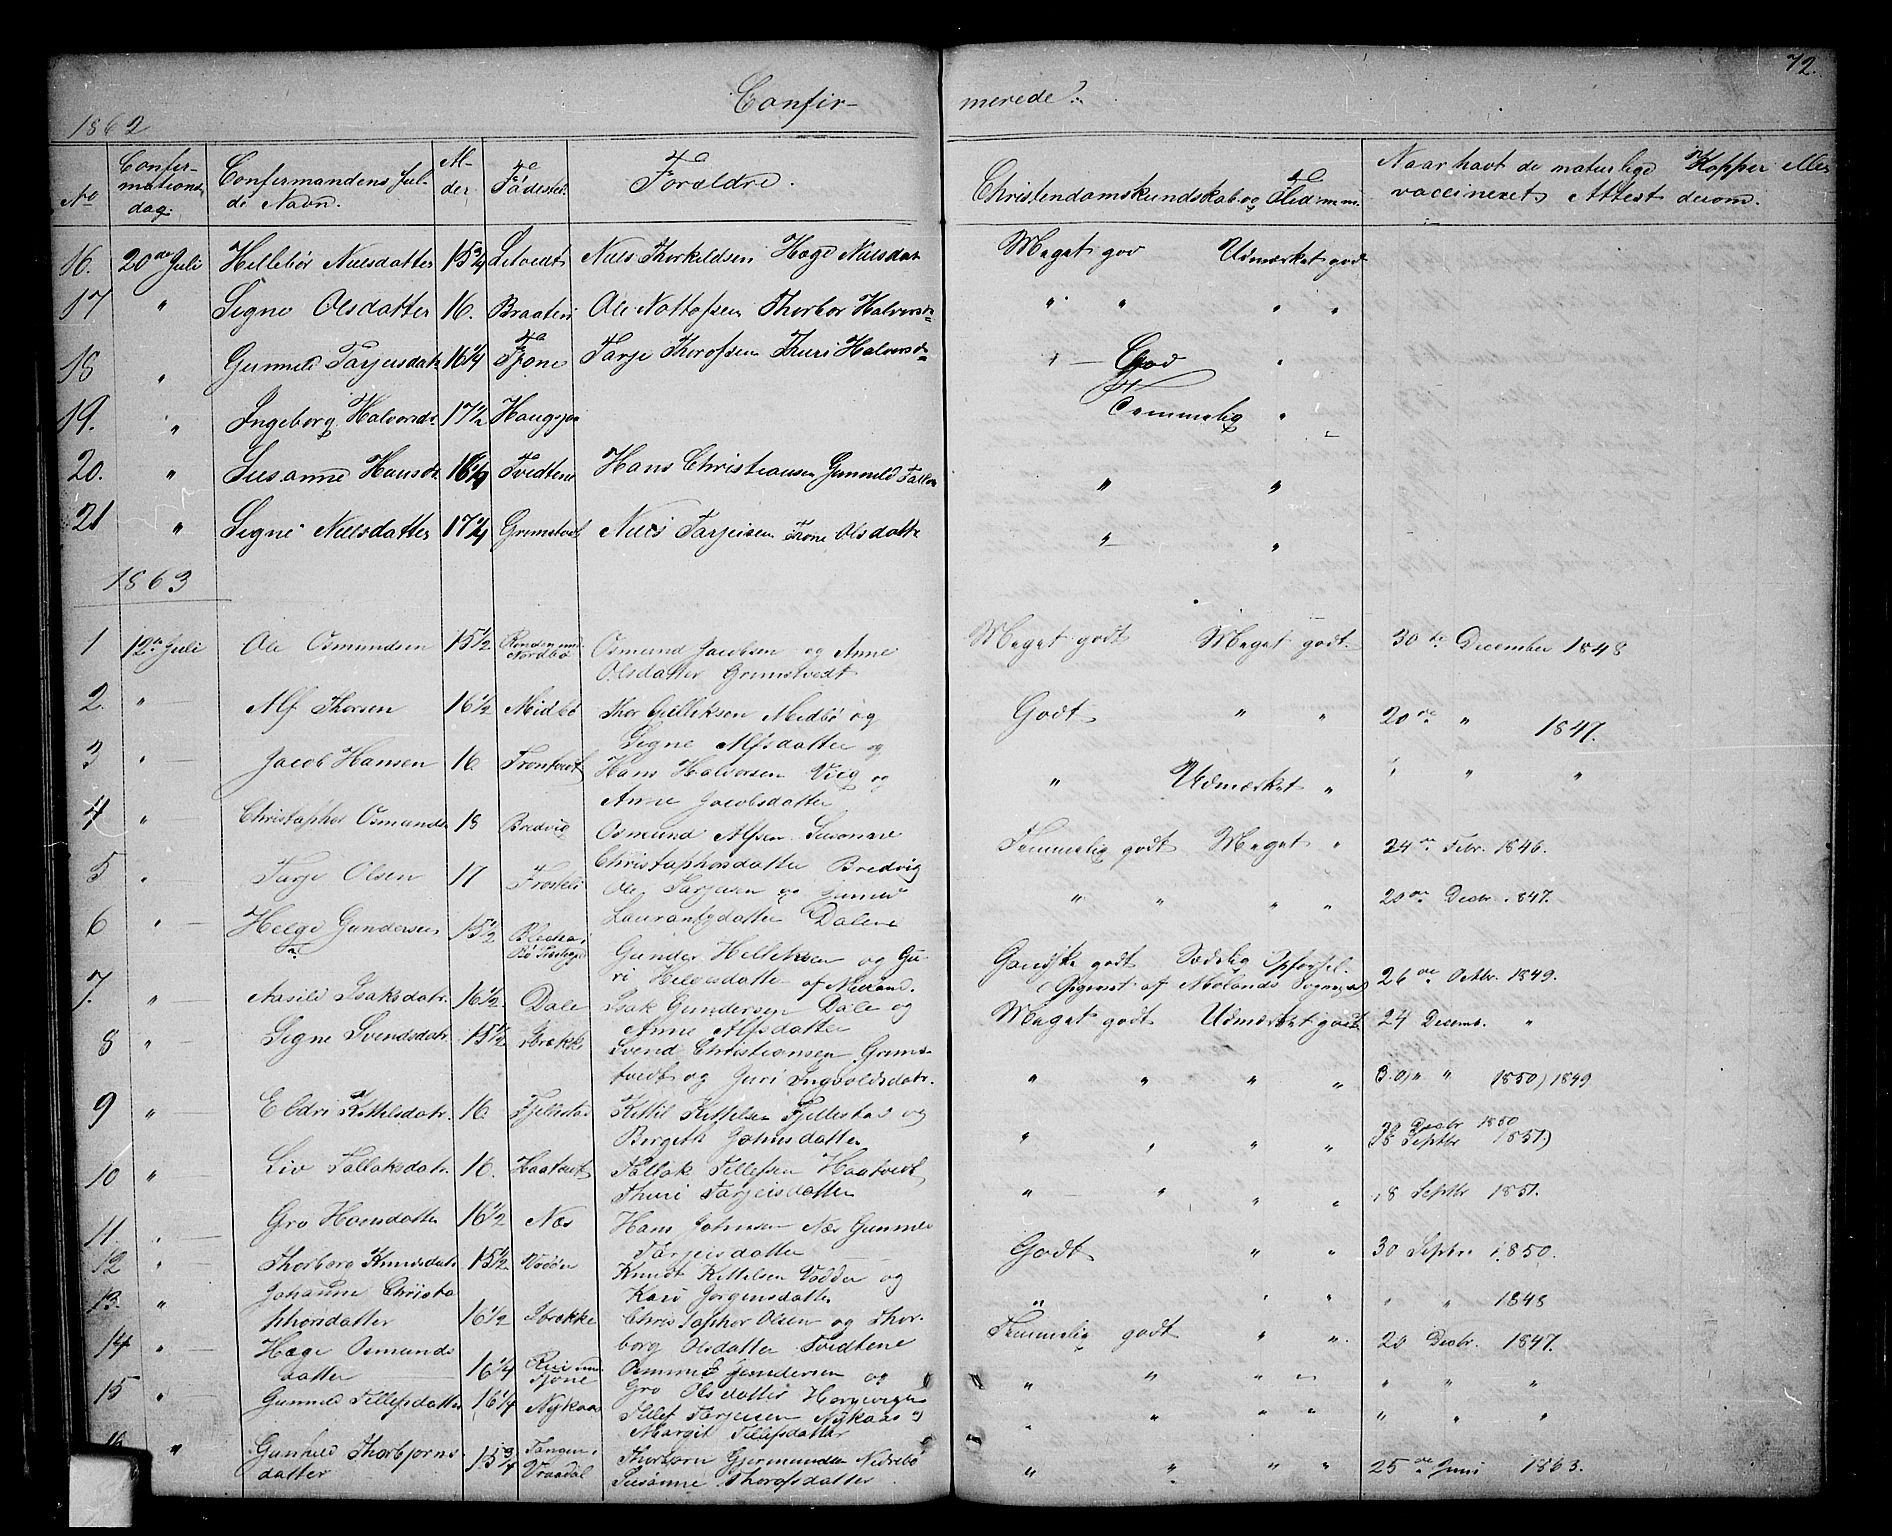 SAKO, Nissedal kirkebøker, G/Ga/L0002: Klokkerbok nr. I 2, 1861-1887, s. 72